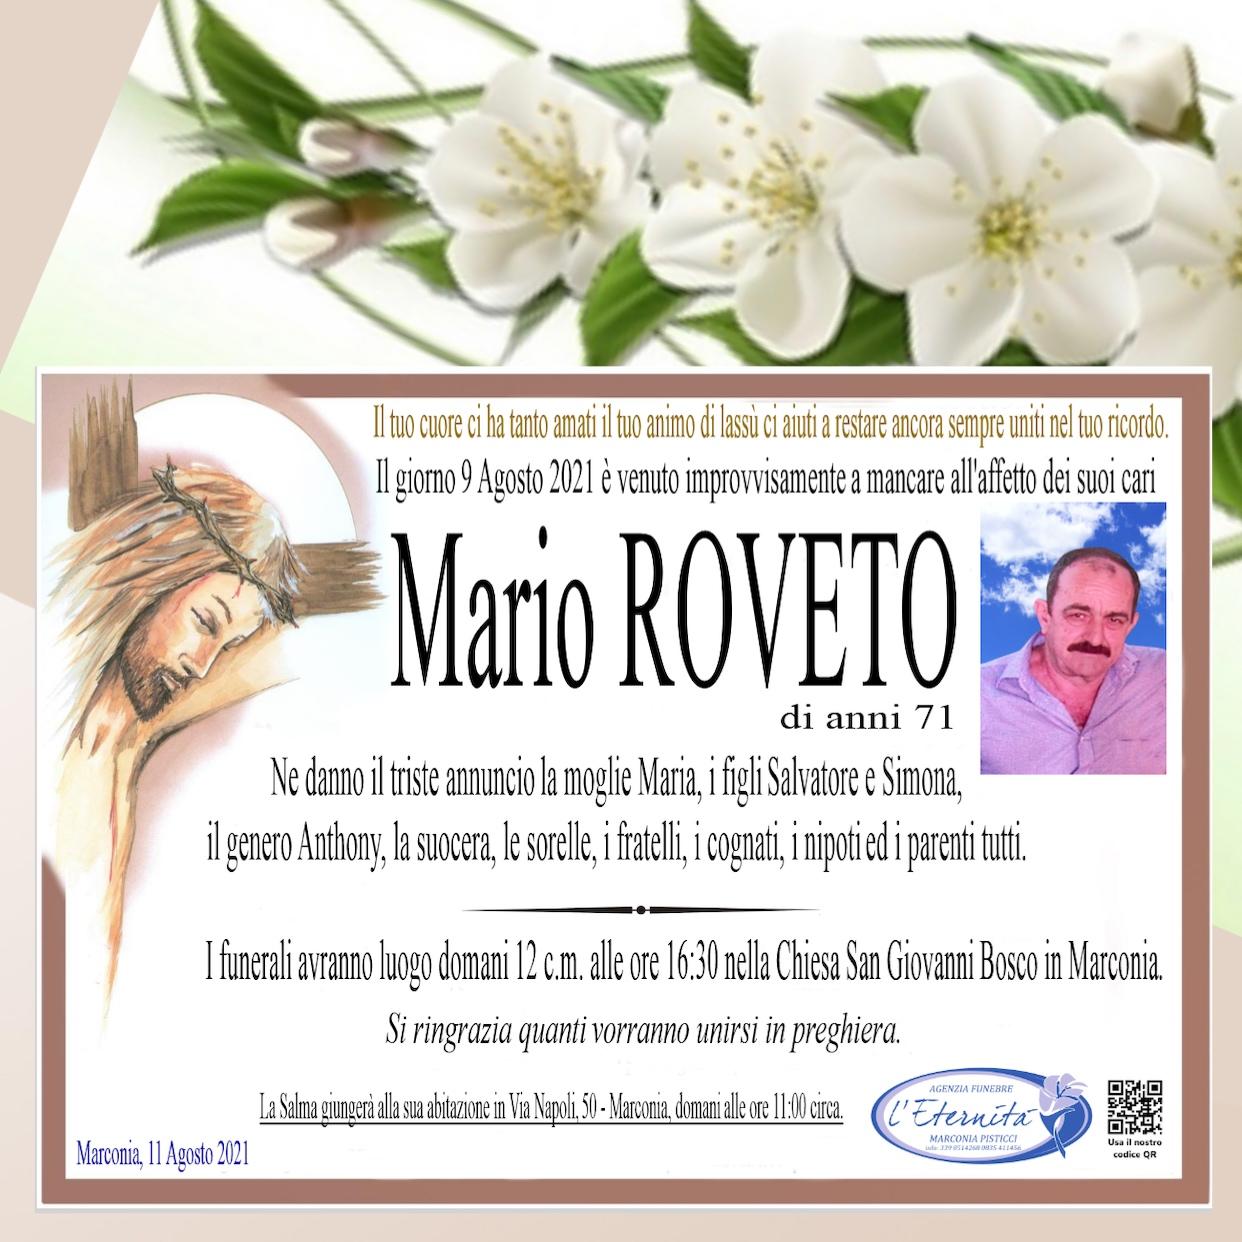 Mario ROVETO